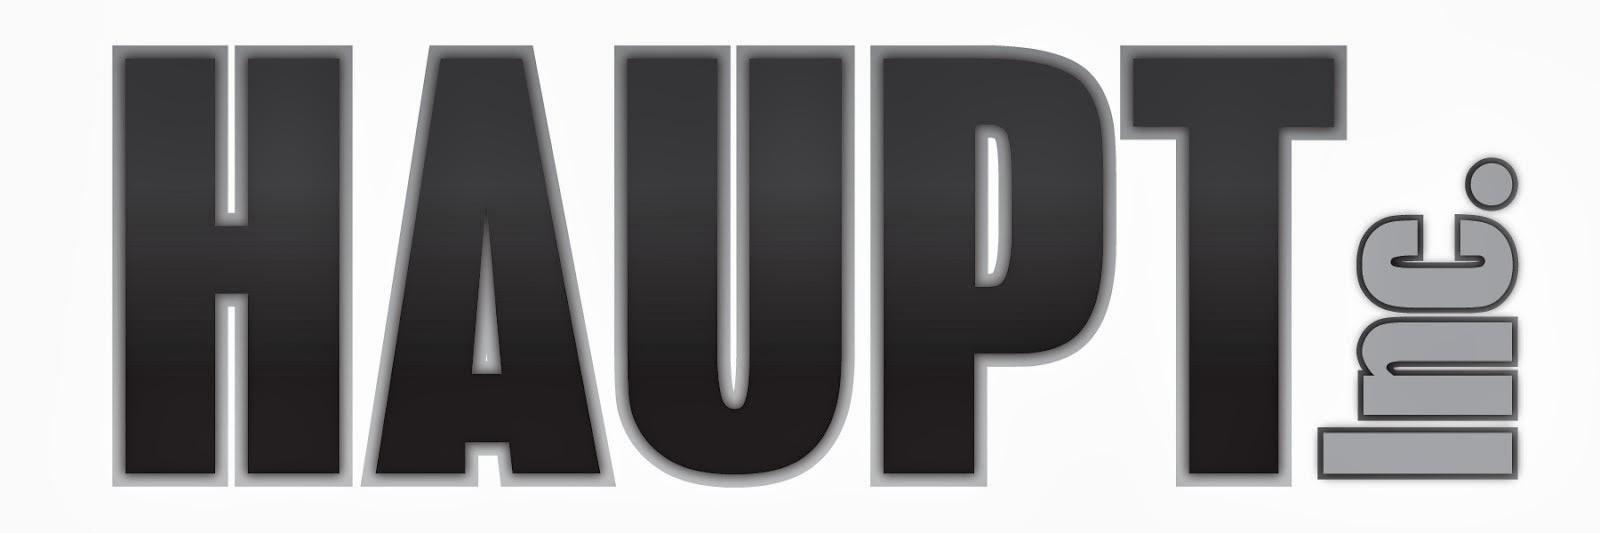 Cal Haupt - Haupt, Inc.